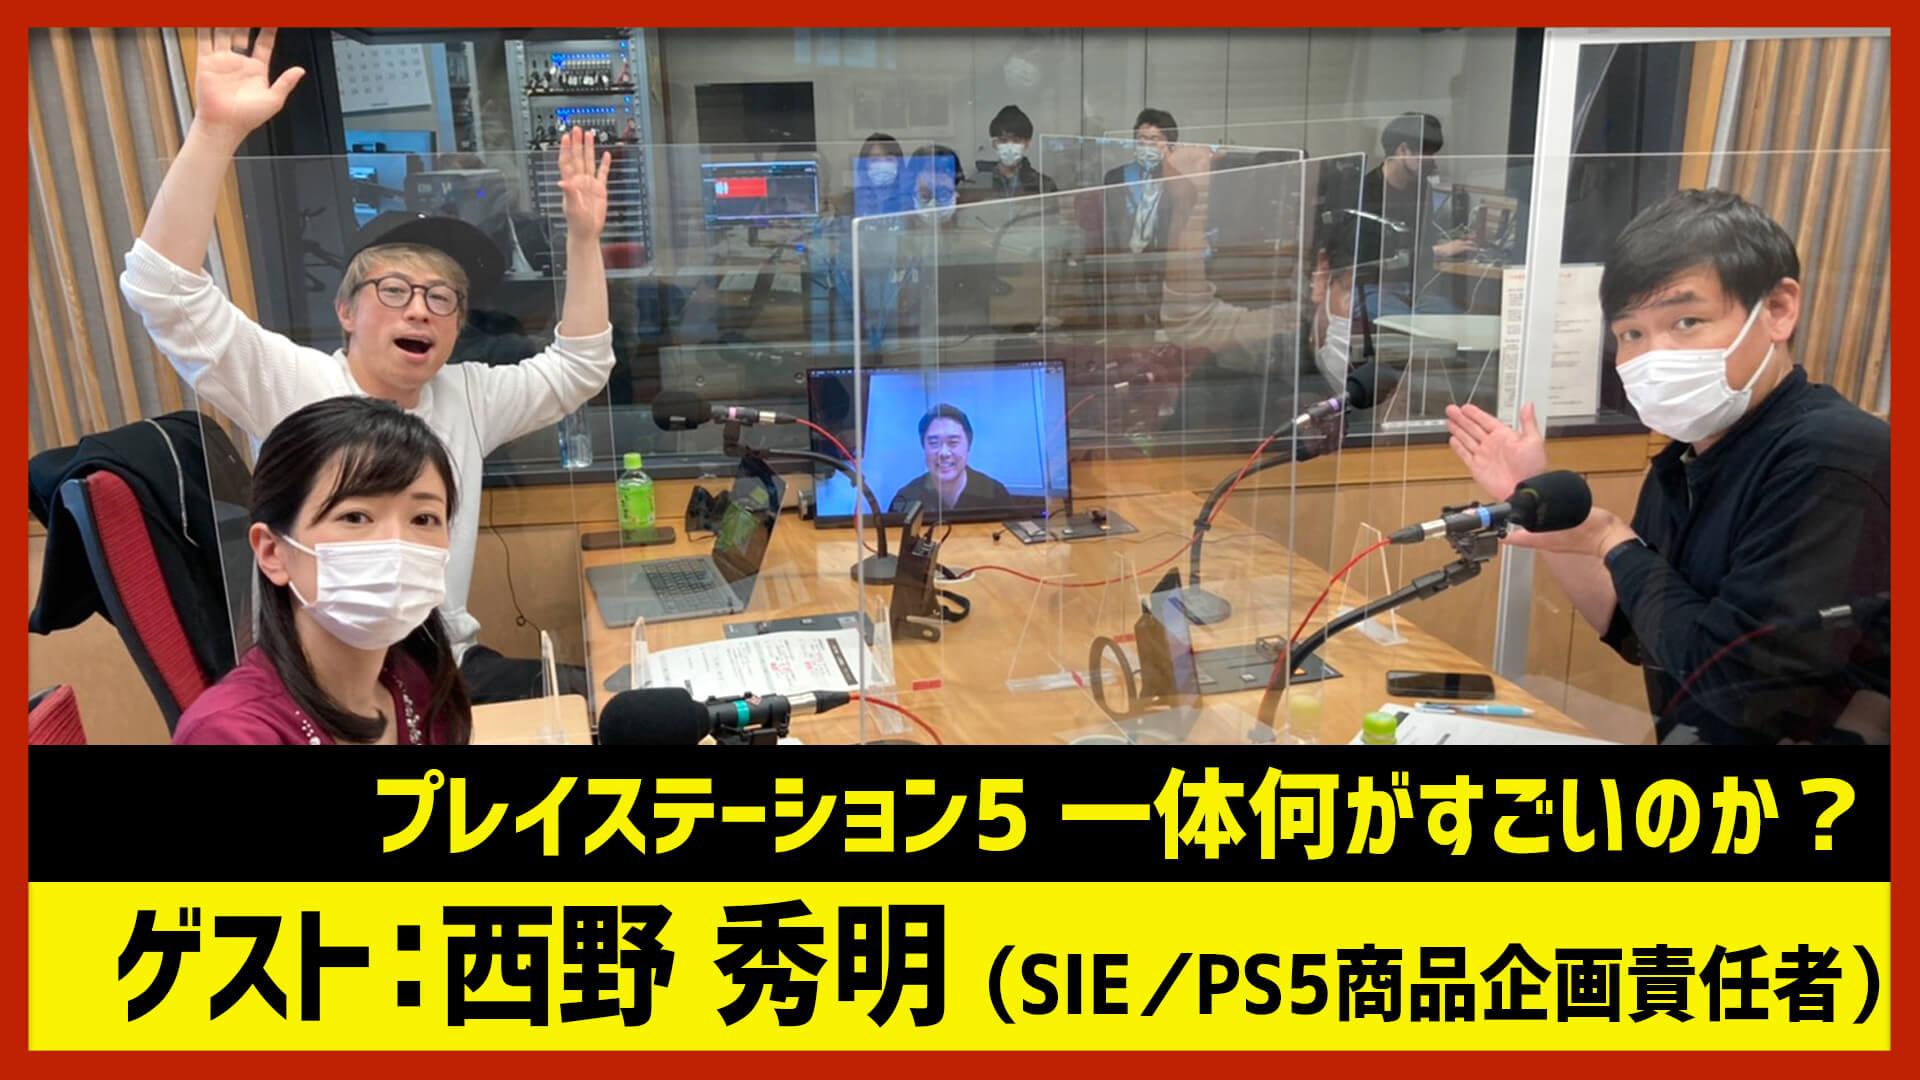 【田村淳のNewsCLUB】ゲスト: 西野秀明さん(2021年3月20日後半)